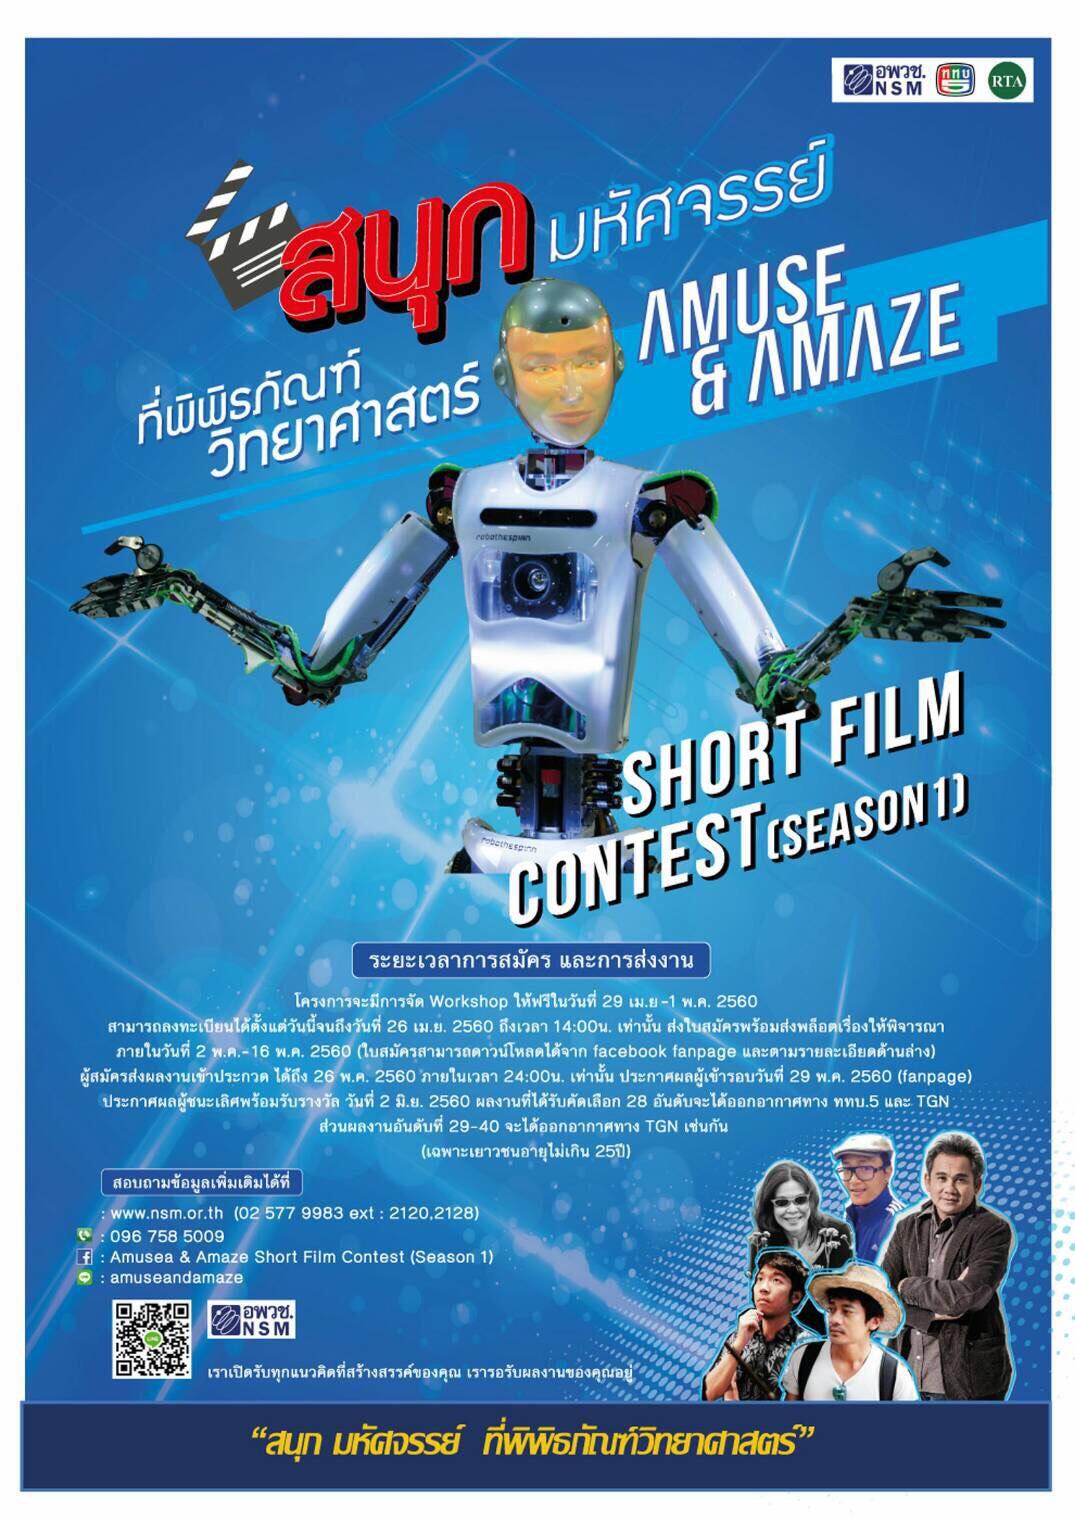 ประกวดหนังสั้น : สนุกอย่างมหัศจรรย์ที่พิพิธภัณฑ์วิทยาศาสตร์ Amuse & Amaze Short Film Contest (Season1)